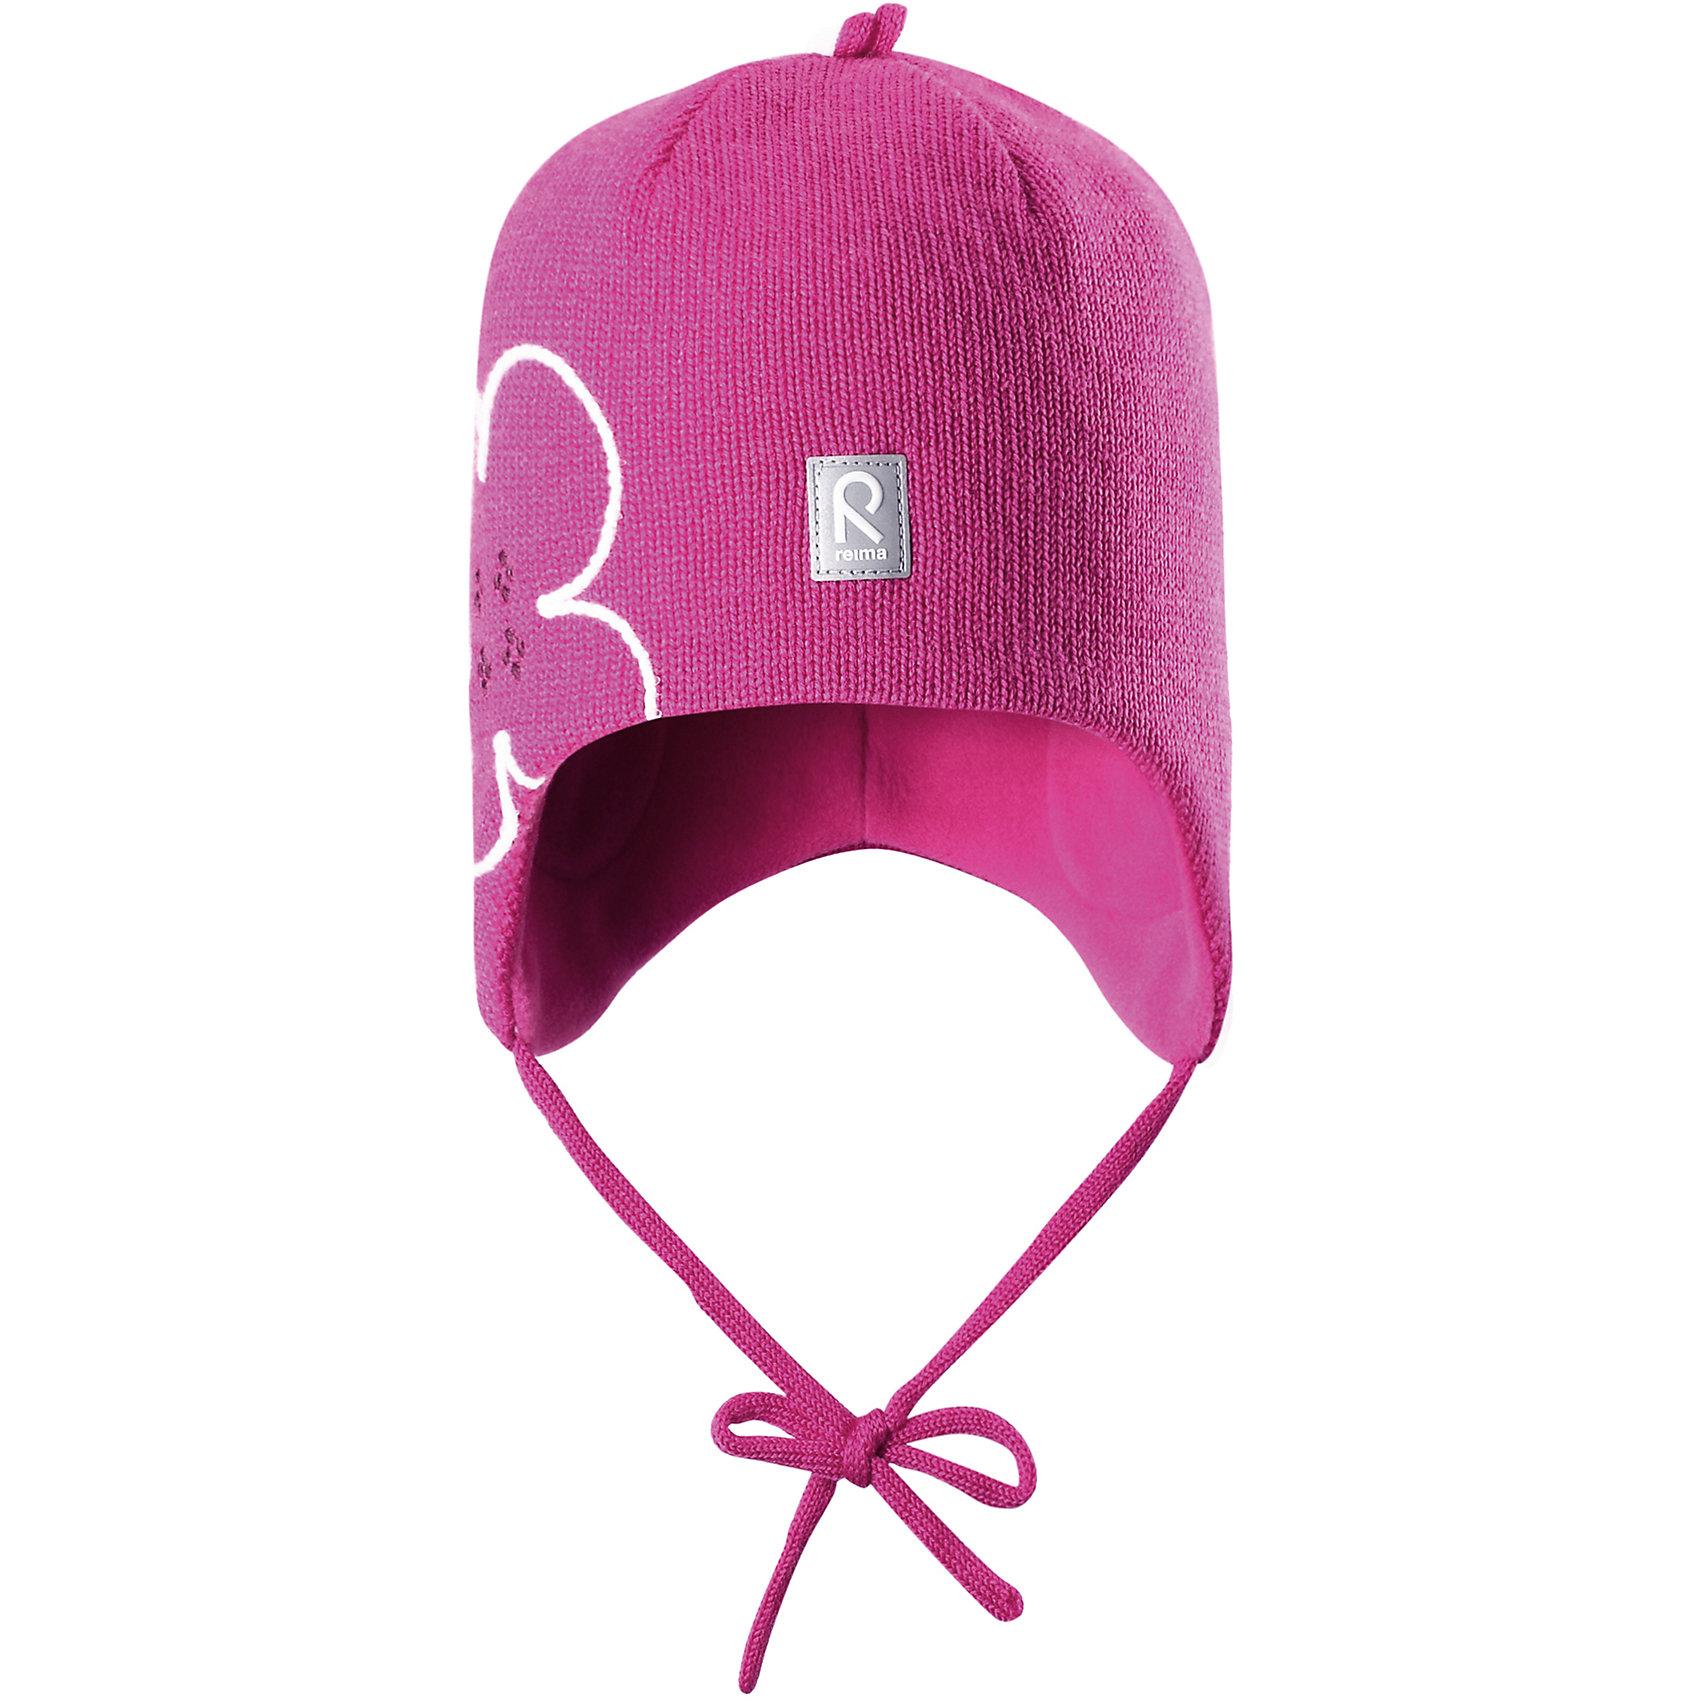 Шапка Hapsu для девочки ReimaШапки и шарфы<br>Шапка для девочки Reima<br>Шапка «Бини» для малышей. Шерсть идеально поддерживает температуру. Теплая шерстяная вязка (волокно). Товар сертифицирован Oeko-Tex, класс 1, одежда для малышей. Ветронепроницаемые вставки в области ушей. Любые размеры. Мягкая теплая подкладка из поларфлиса. Логотип Reima® спереди. Милый вязаный узор. Декоративные элементы сверху. Светоотражающий элемент спереди.<br>Уход:<br>Стирать по отдельности, вывернув наизнанку. Придать первоначальную форму вo влажном виде. Возможна усадка 5 %.<br>Состав:<br>100% Шерсть<br><br>Ширина мм: 89<br>Глубина мм: 117<br>Высота мм: 44<br>Вес г: 155<br>Цвет: розовый<br>Возраст от месяцев: 24<br>Возраст до месяцев: 60<br>Пол: Женский<br>Возраст: Детский<br>Размер: 52,46,48,50<br>SKU: 4777137